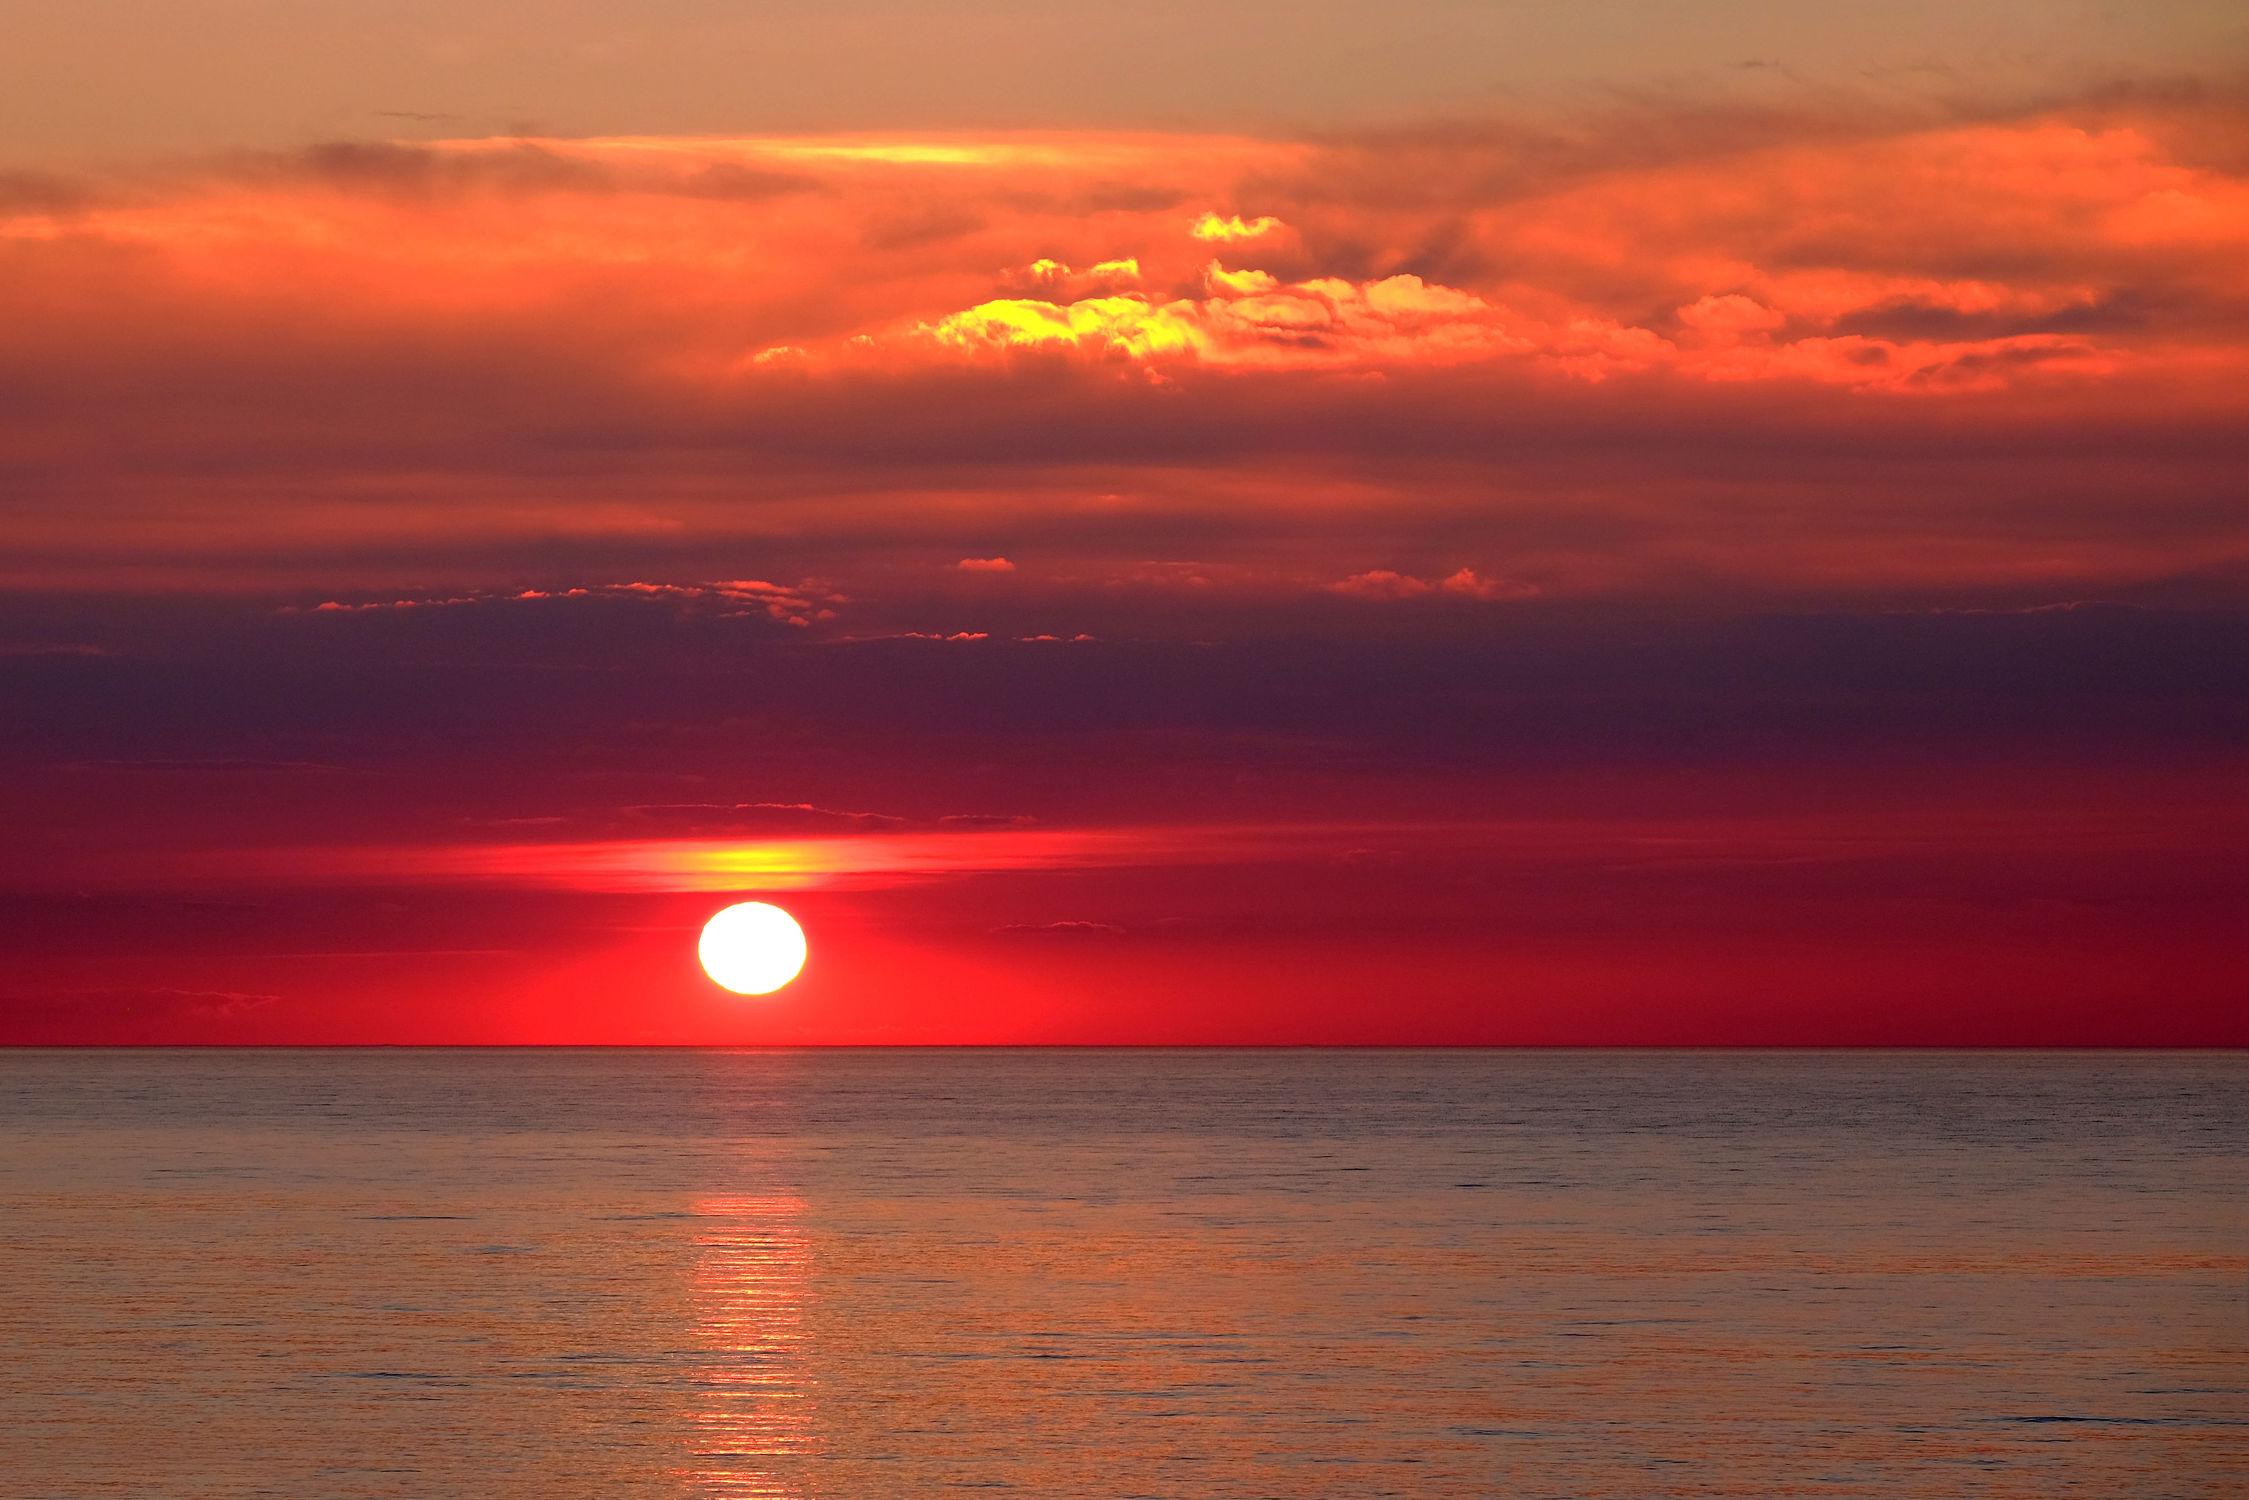 Bild mit Wolken, Rot, Urlaub, Blau, Sonne, Sonne, Meerblick, Ostsee, Meer, Nordsee, Reisen, Ostfriesische Inseln, Abend, Ausspannen, Geniessen, Idylle, Abendidylle